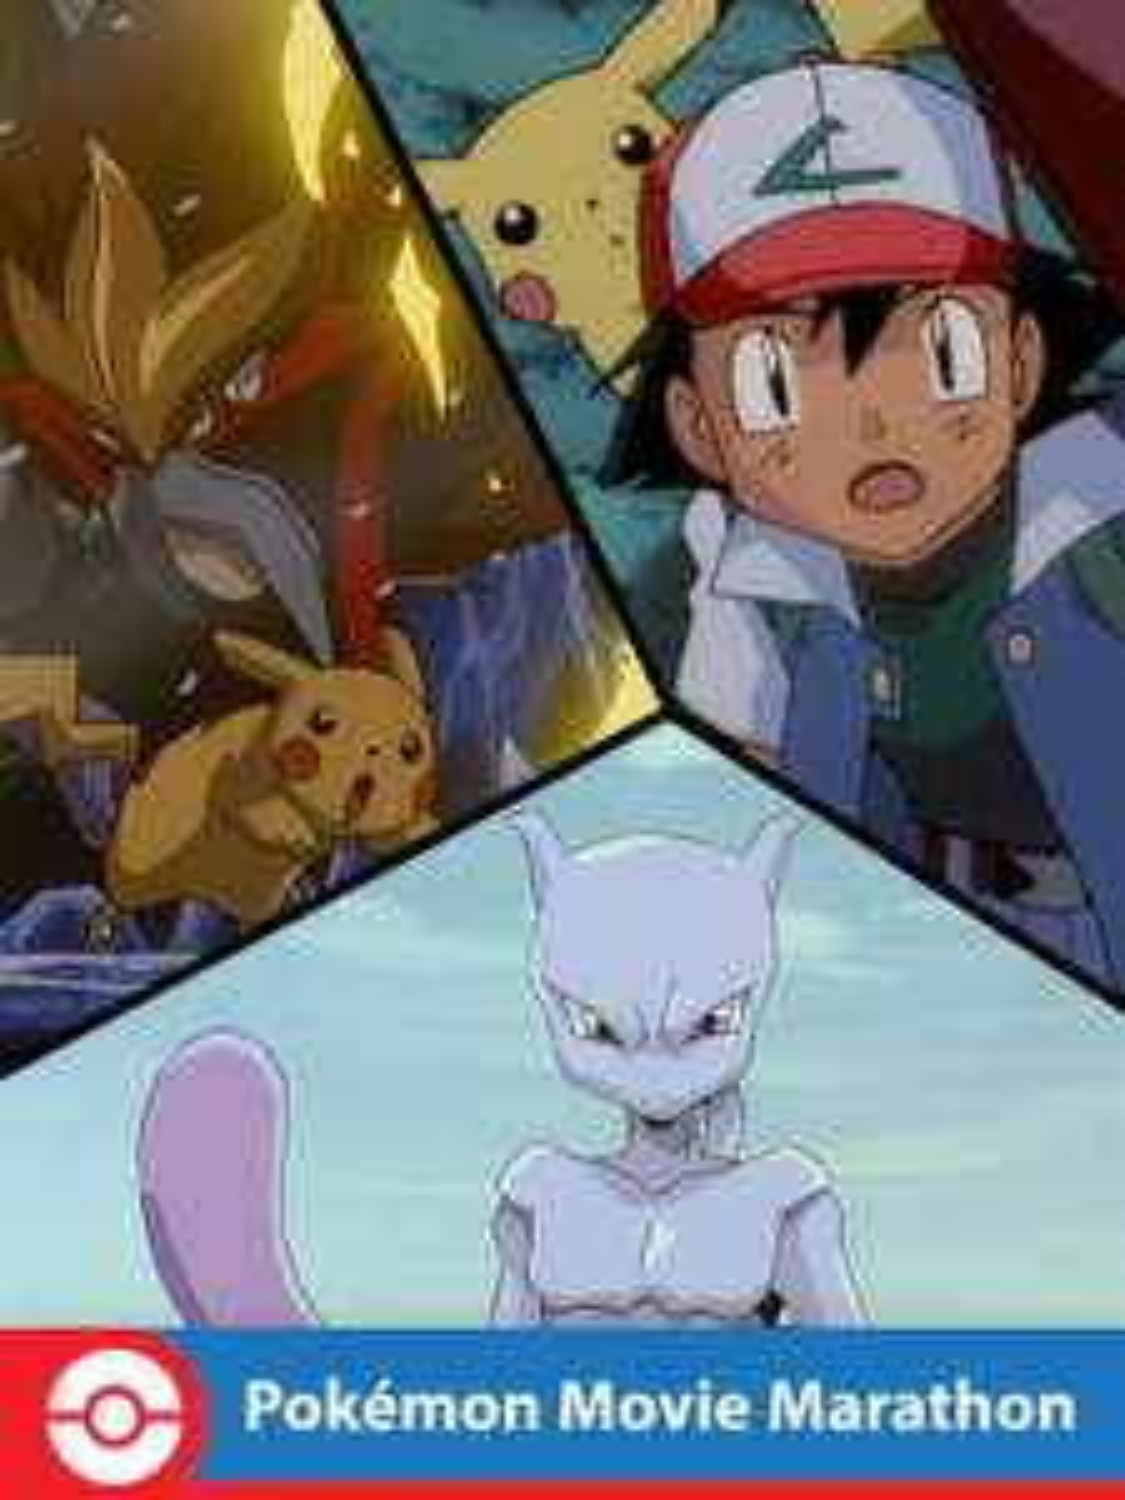 (nu 15) Gratis Pokémon films kijken (Engelstalig) @ Pokémon TV (Web)